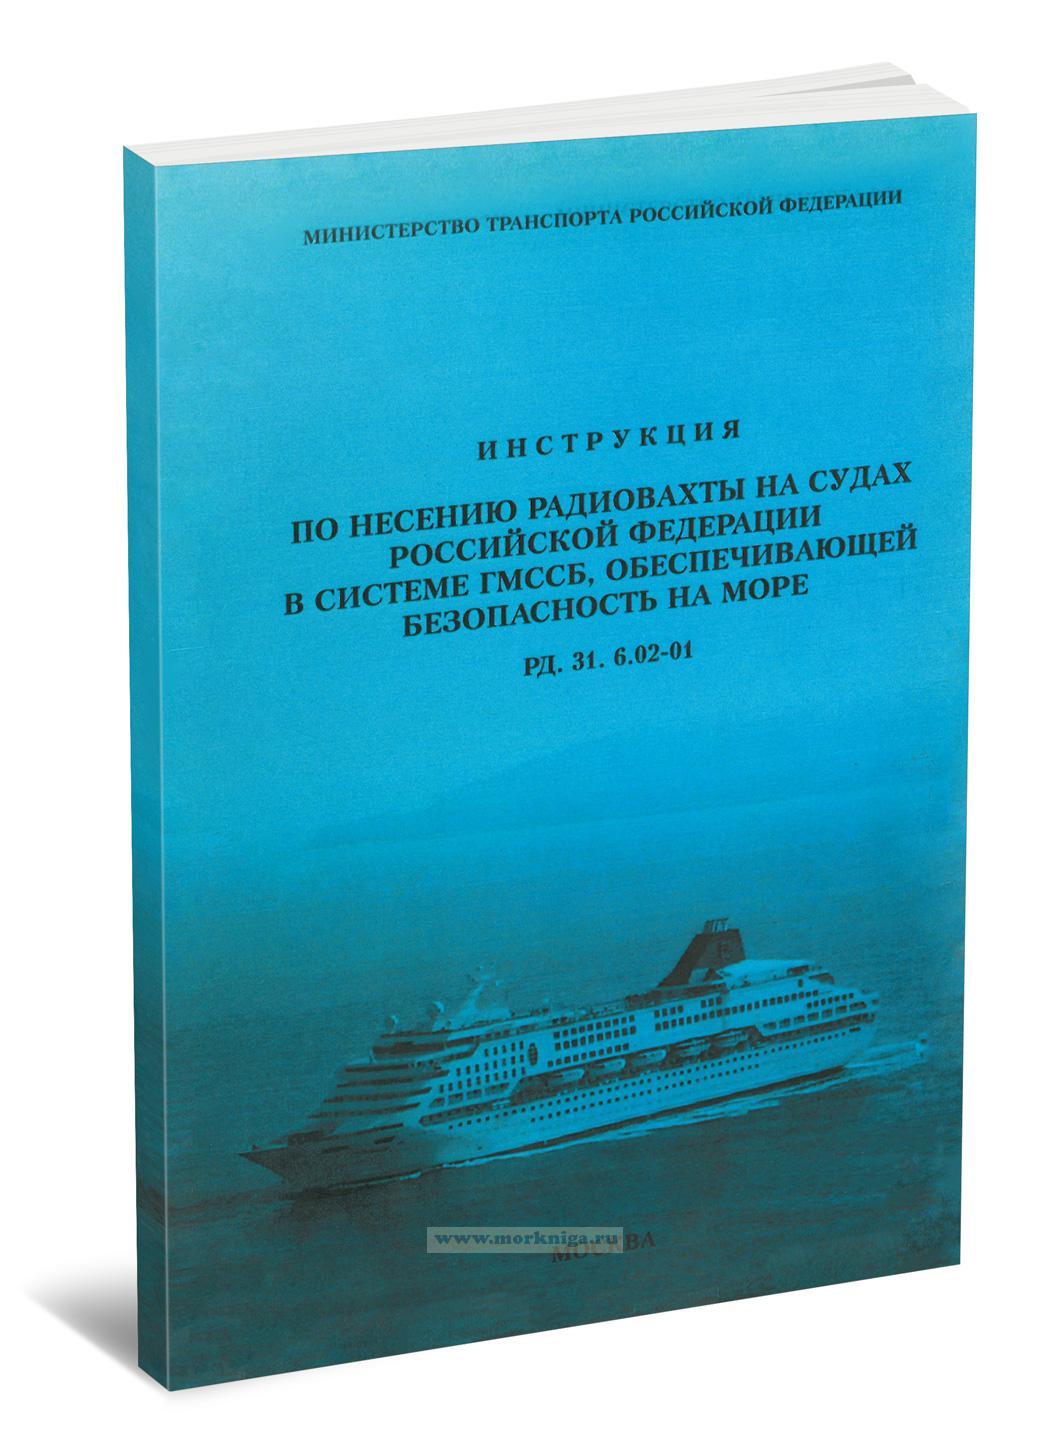 Инструкция по несению радиовахты на судах РФ в системе ГМССБ, обеспечивающей безопасность на море. РД 31.6.02-01 2020 год. Последняя редакция